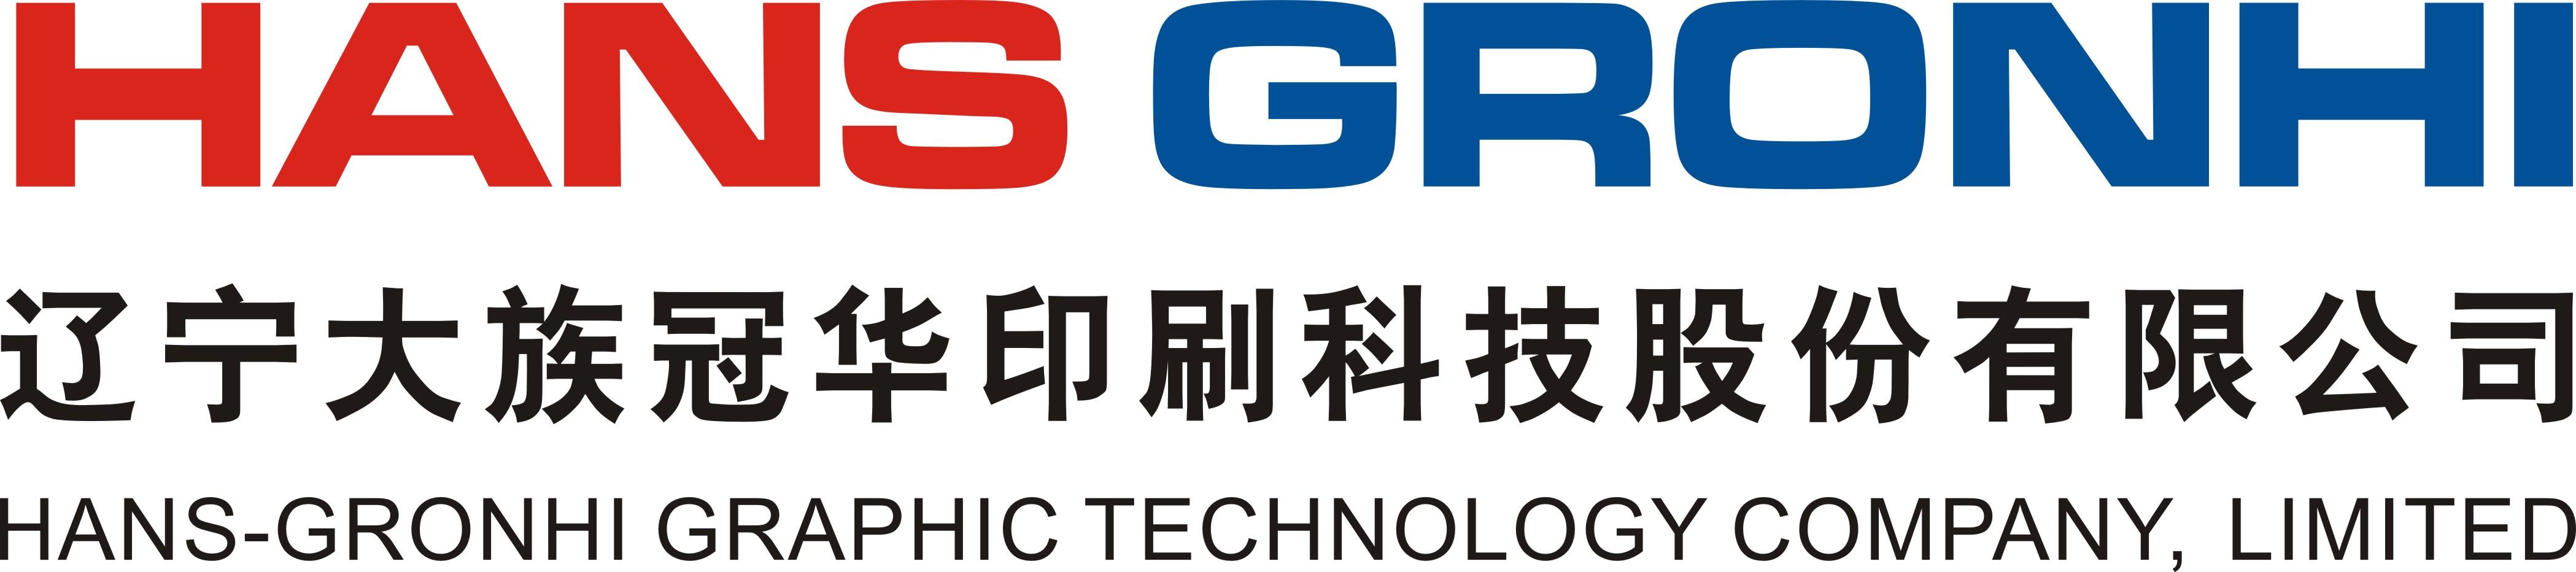 遼寧大族冠華印刷科技股份有限公司